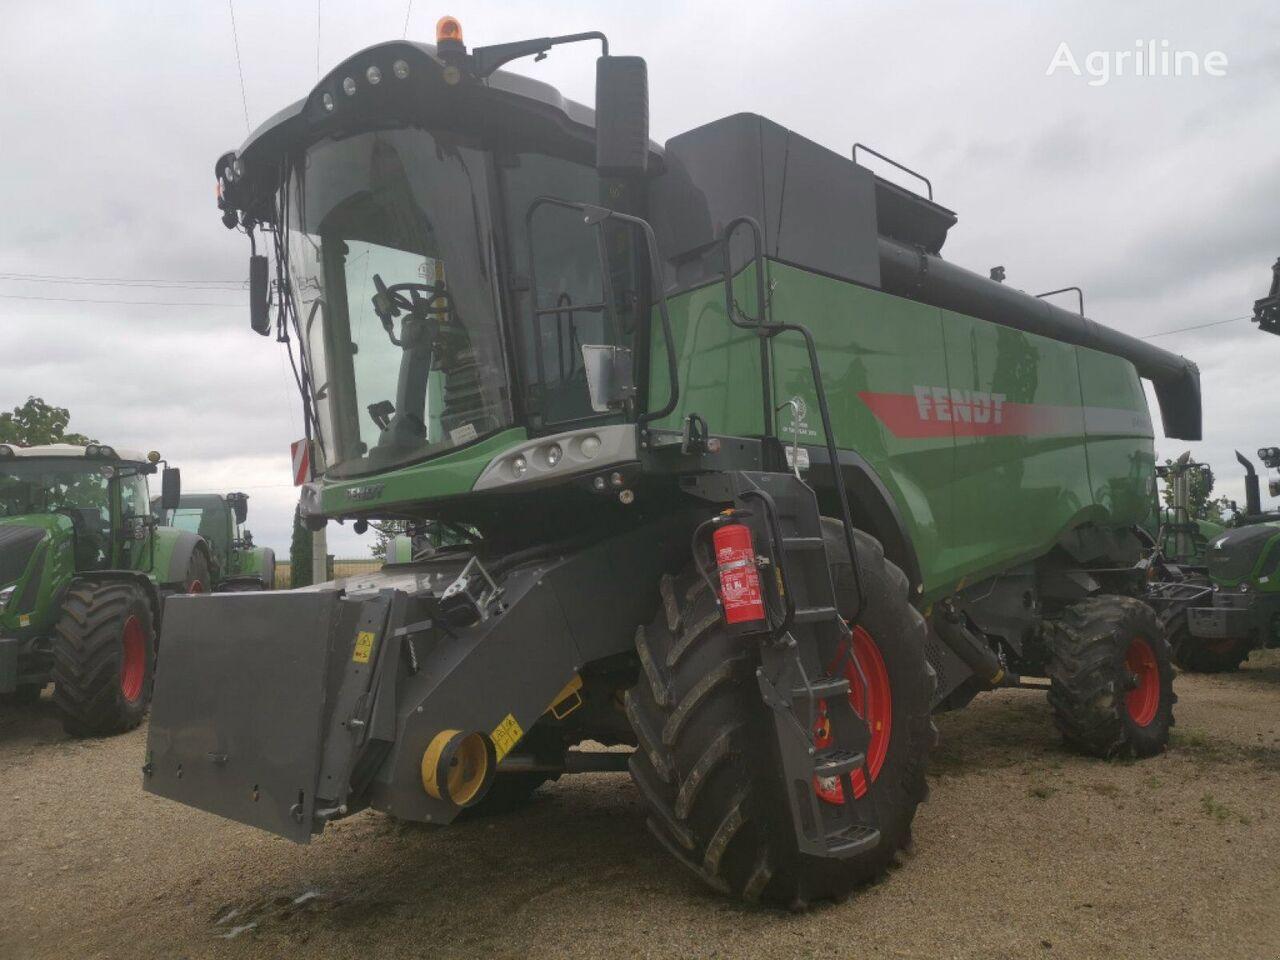 FENDT 9490 X grain harvester